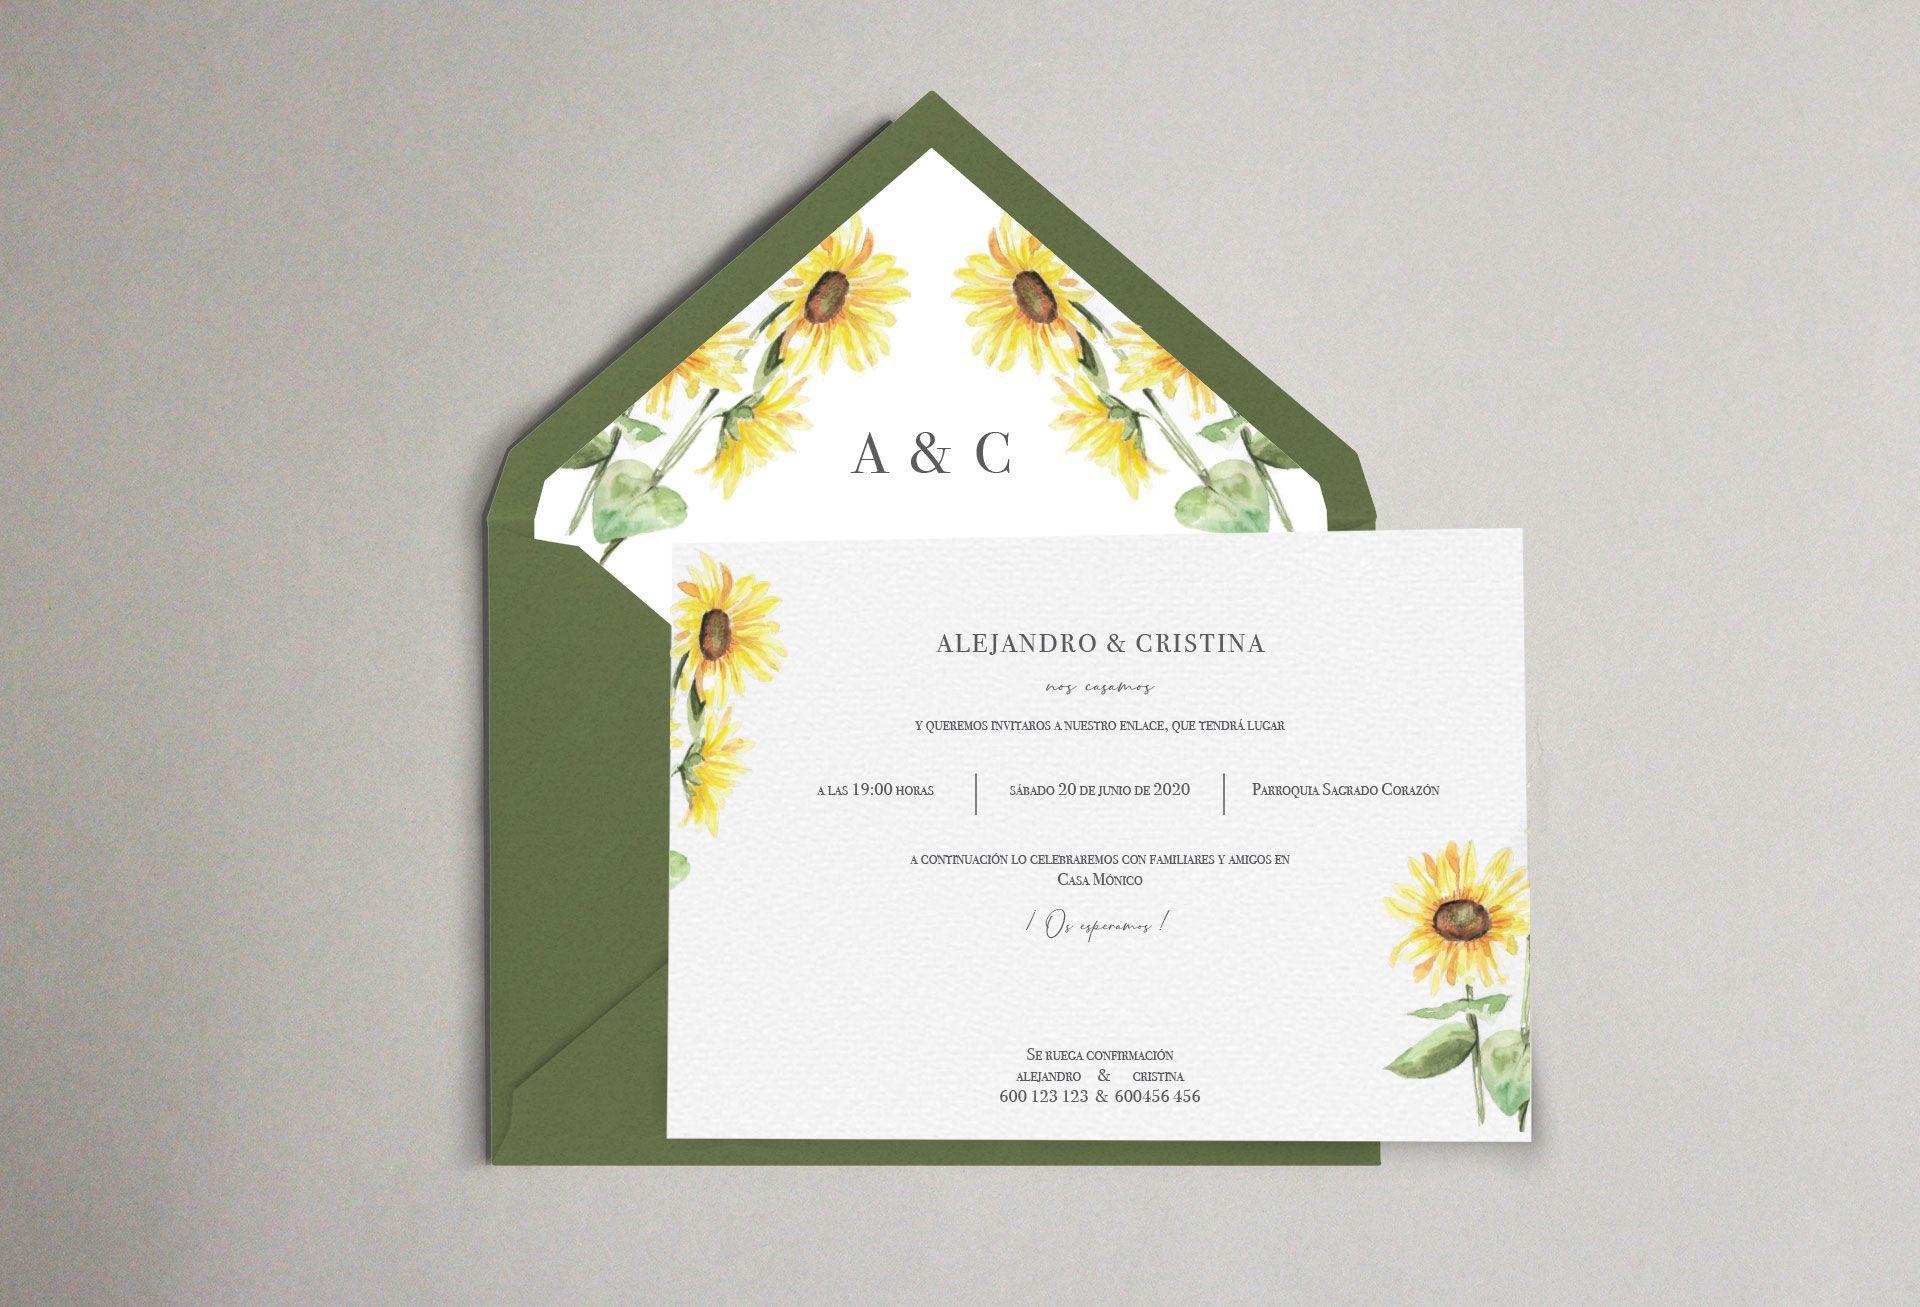 invitacion de boda con girasoles y sobre forrado artesanalmente con girasoles